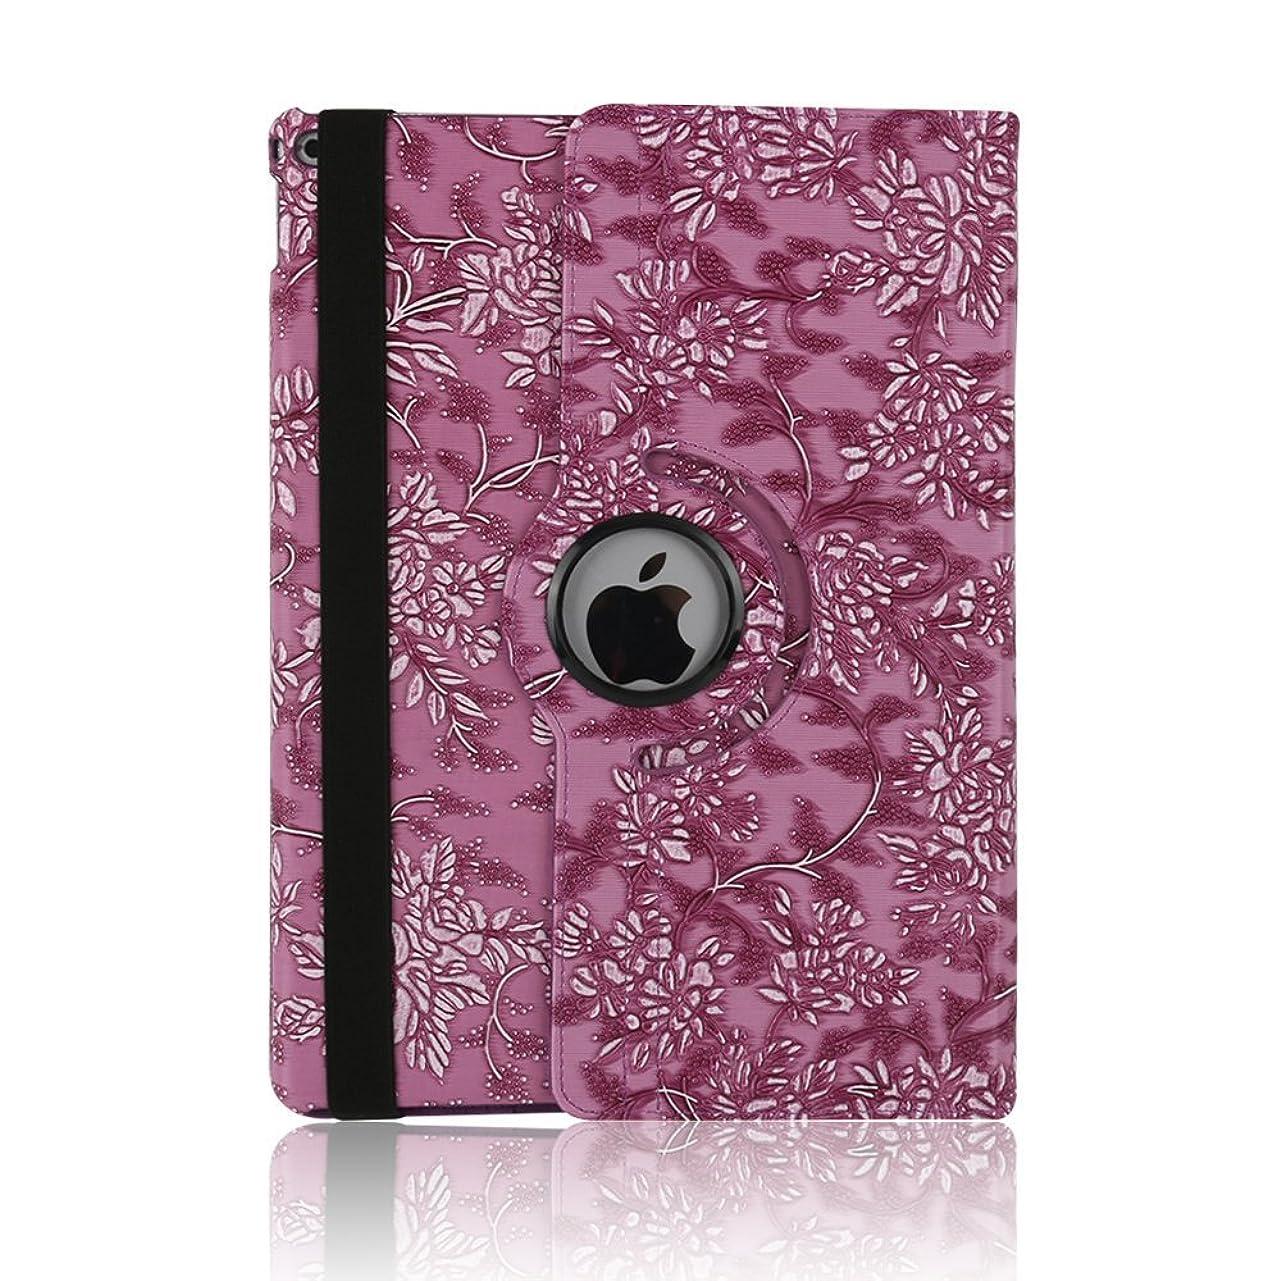 ワイヤー意識絶縁するケース ipad 手帳型、SIMPLE DO 360度回転式 スタンド機能 三つ折り 軽量 持ち運び便利 耐衝撃 レディース 女子 人気 おしゃれ 通勤 iPad Air 2 9.7インチ対応(パープル)